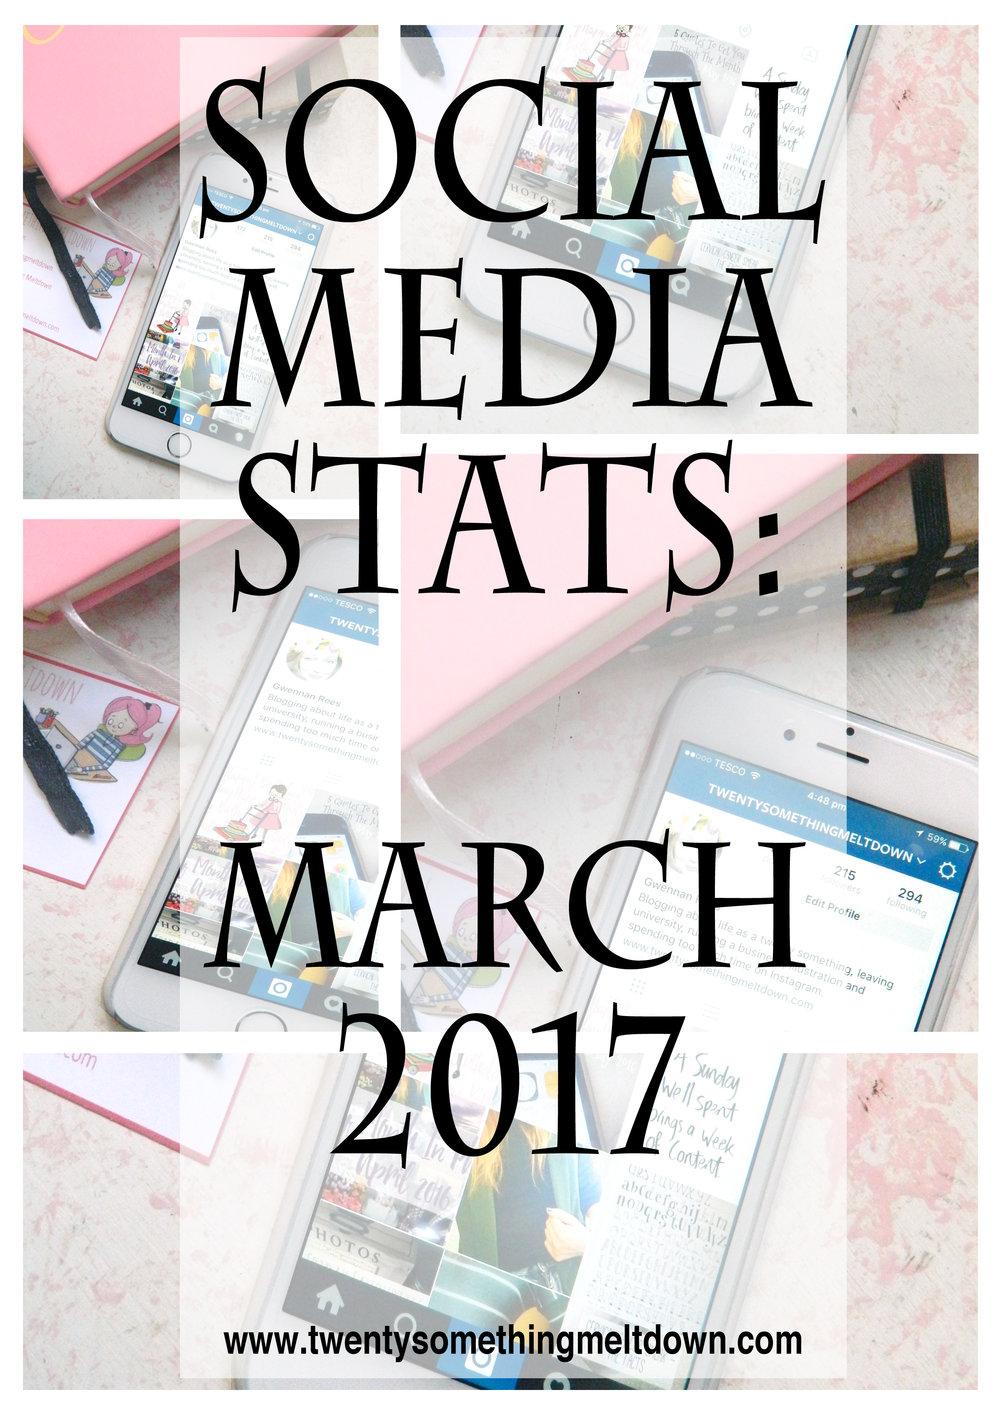 Social Media Statistics- March 2017.